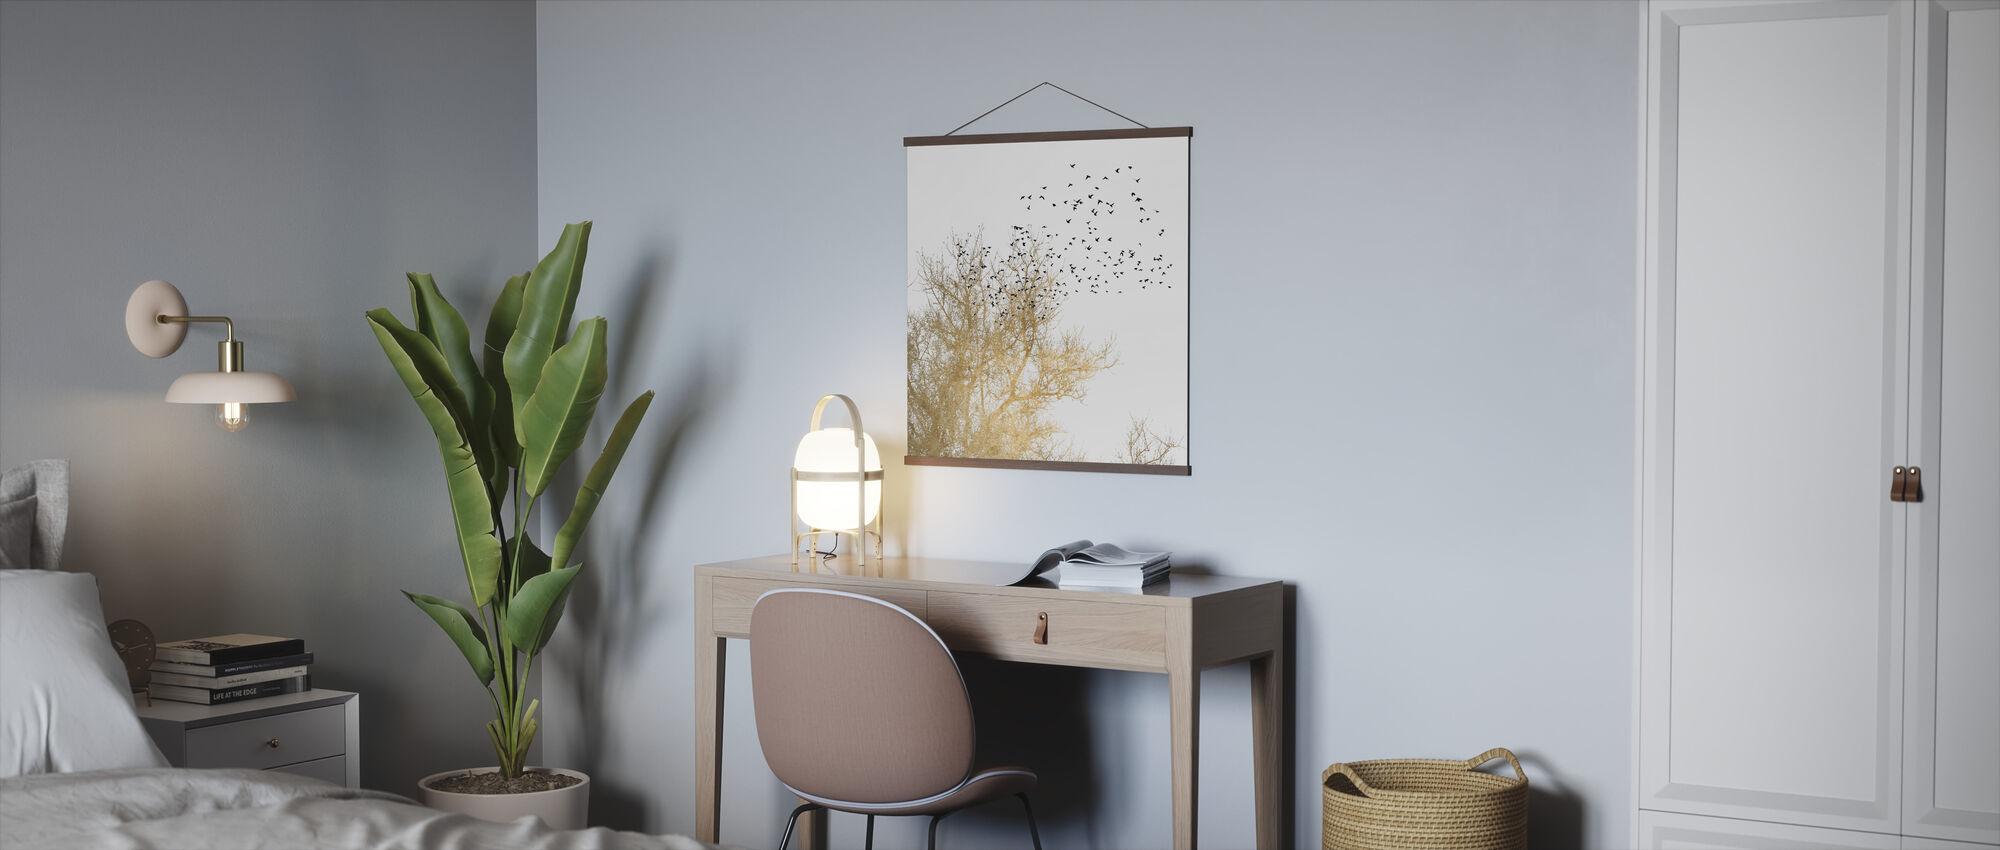 gylne fugler - Plakat - Kontor